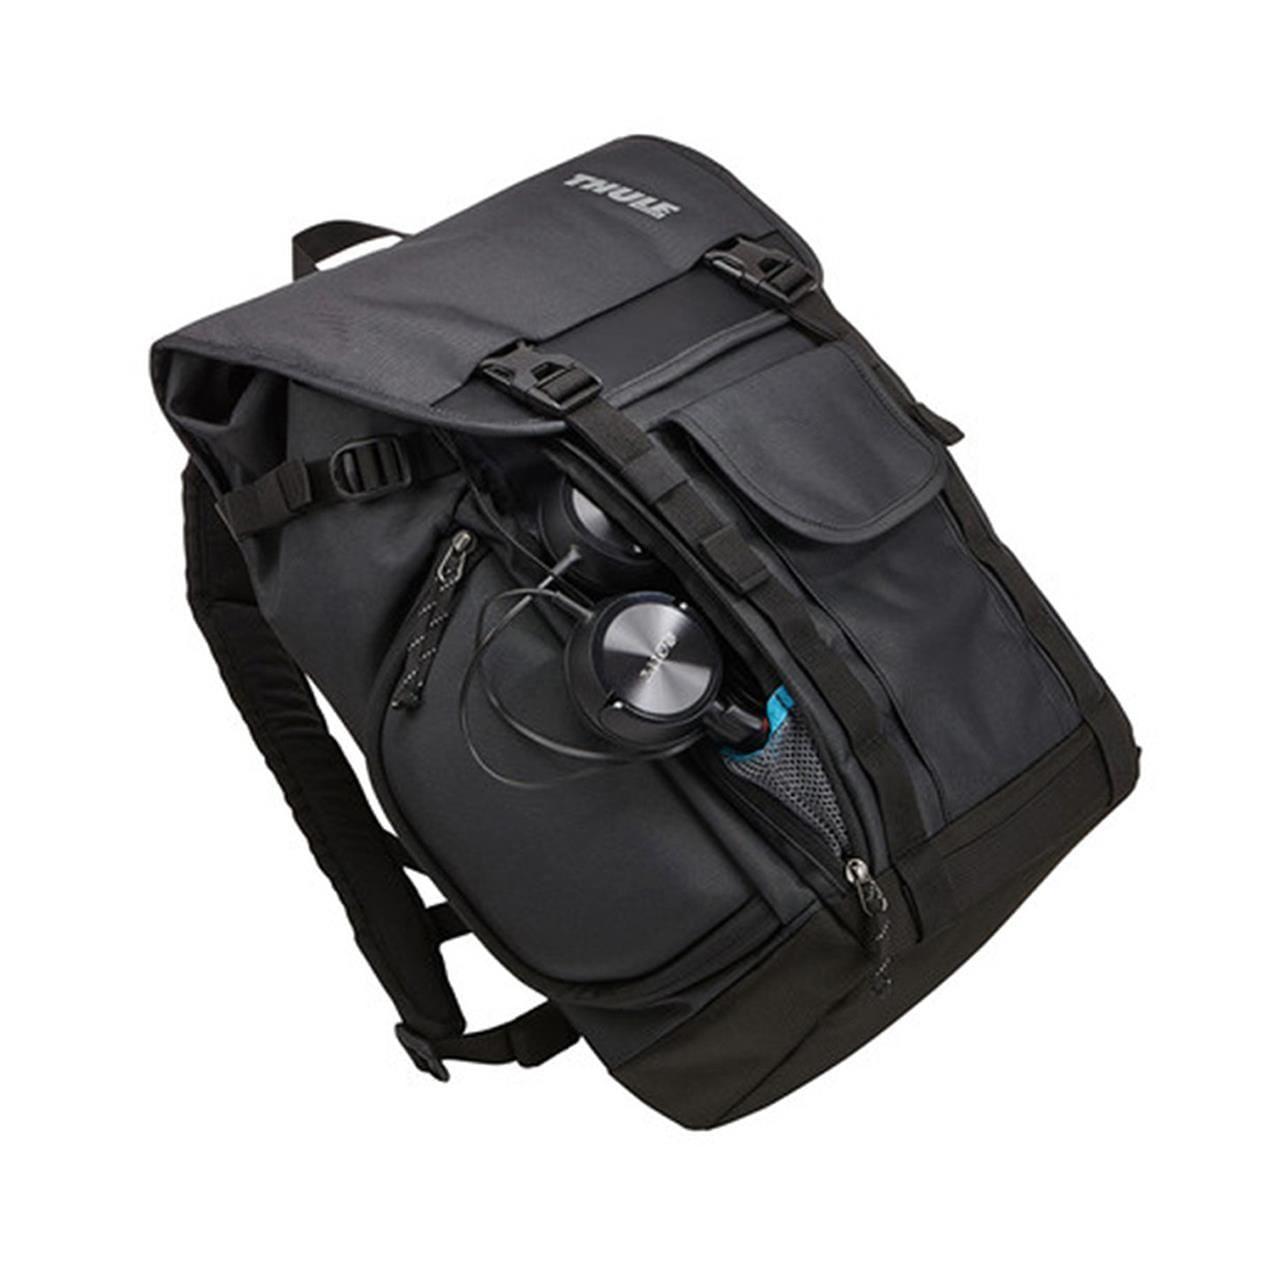 Rucsac urban cu compartiment laptop Thule Subterra Daypack pentru 15 MacBook Pro Dark Grey 13